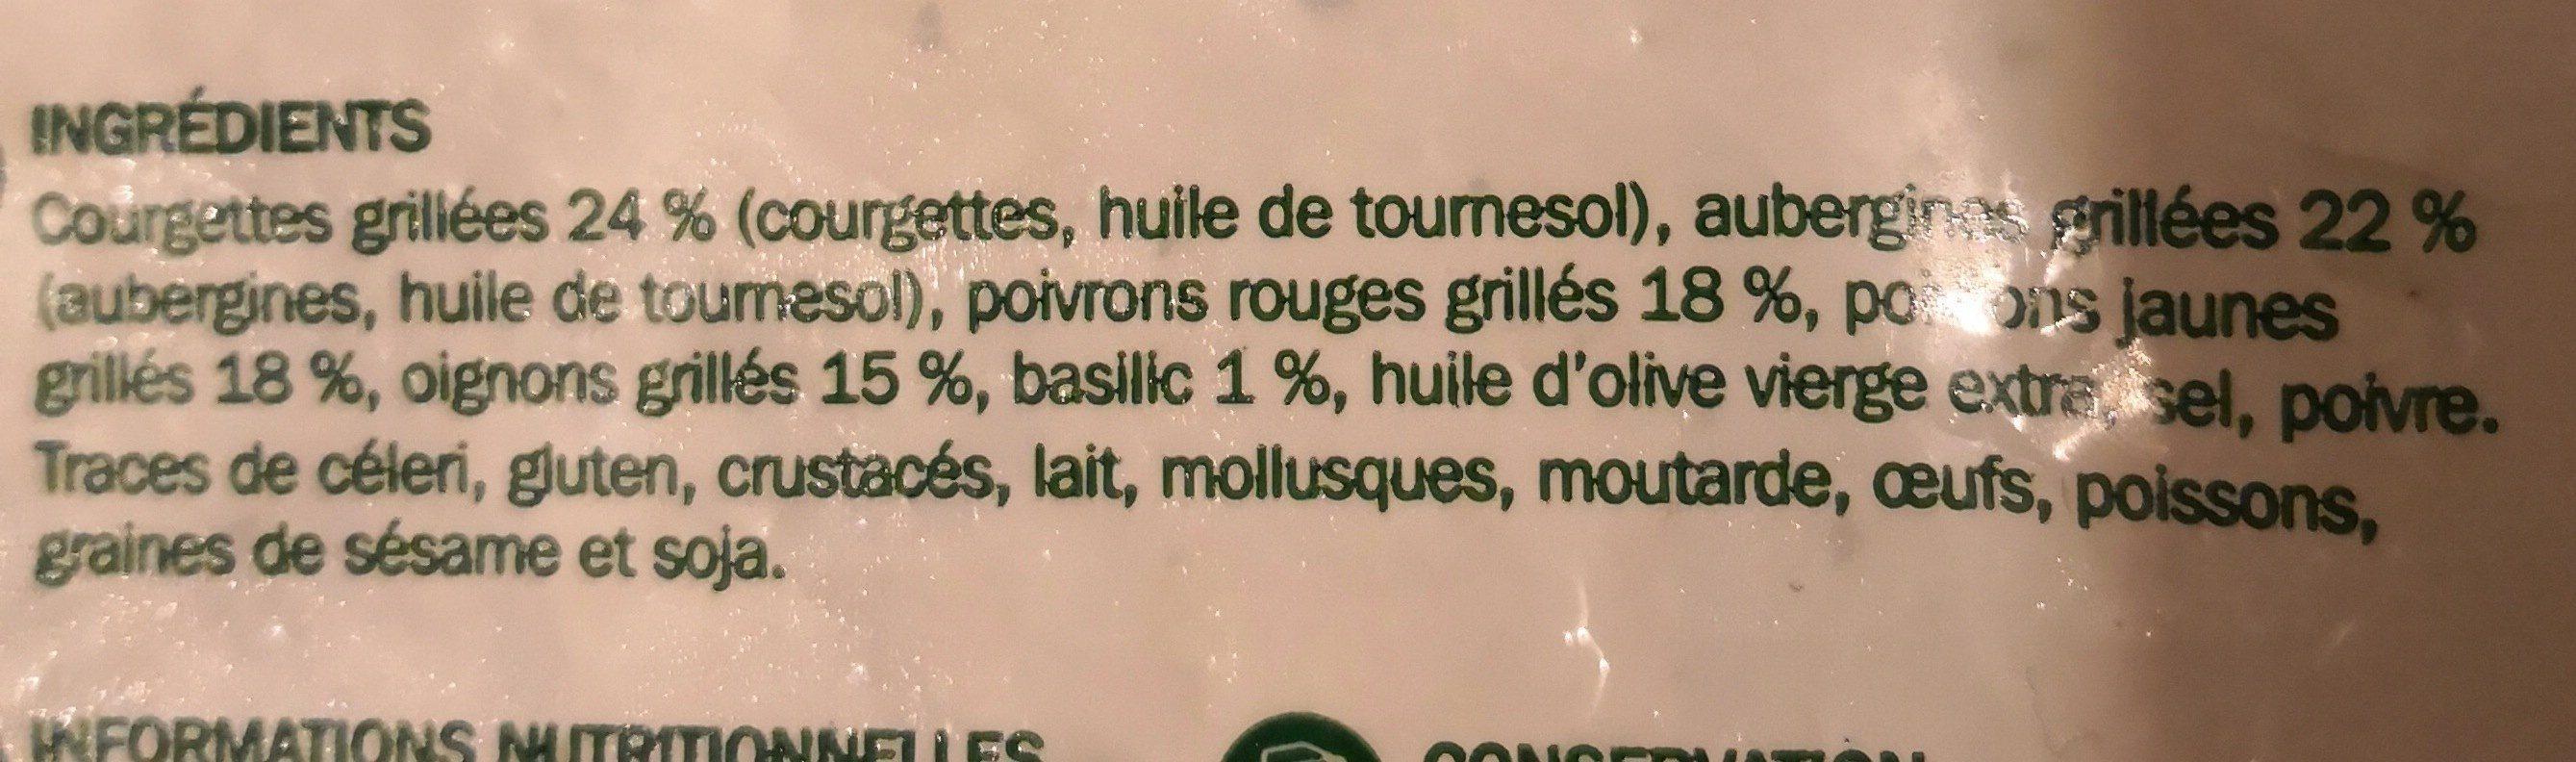 Poêlée de légumes grillés - Ingredienti - fr